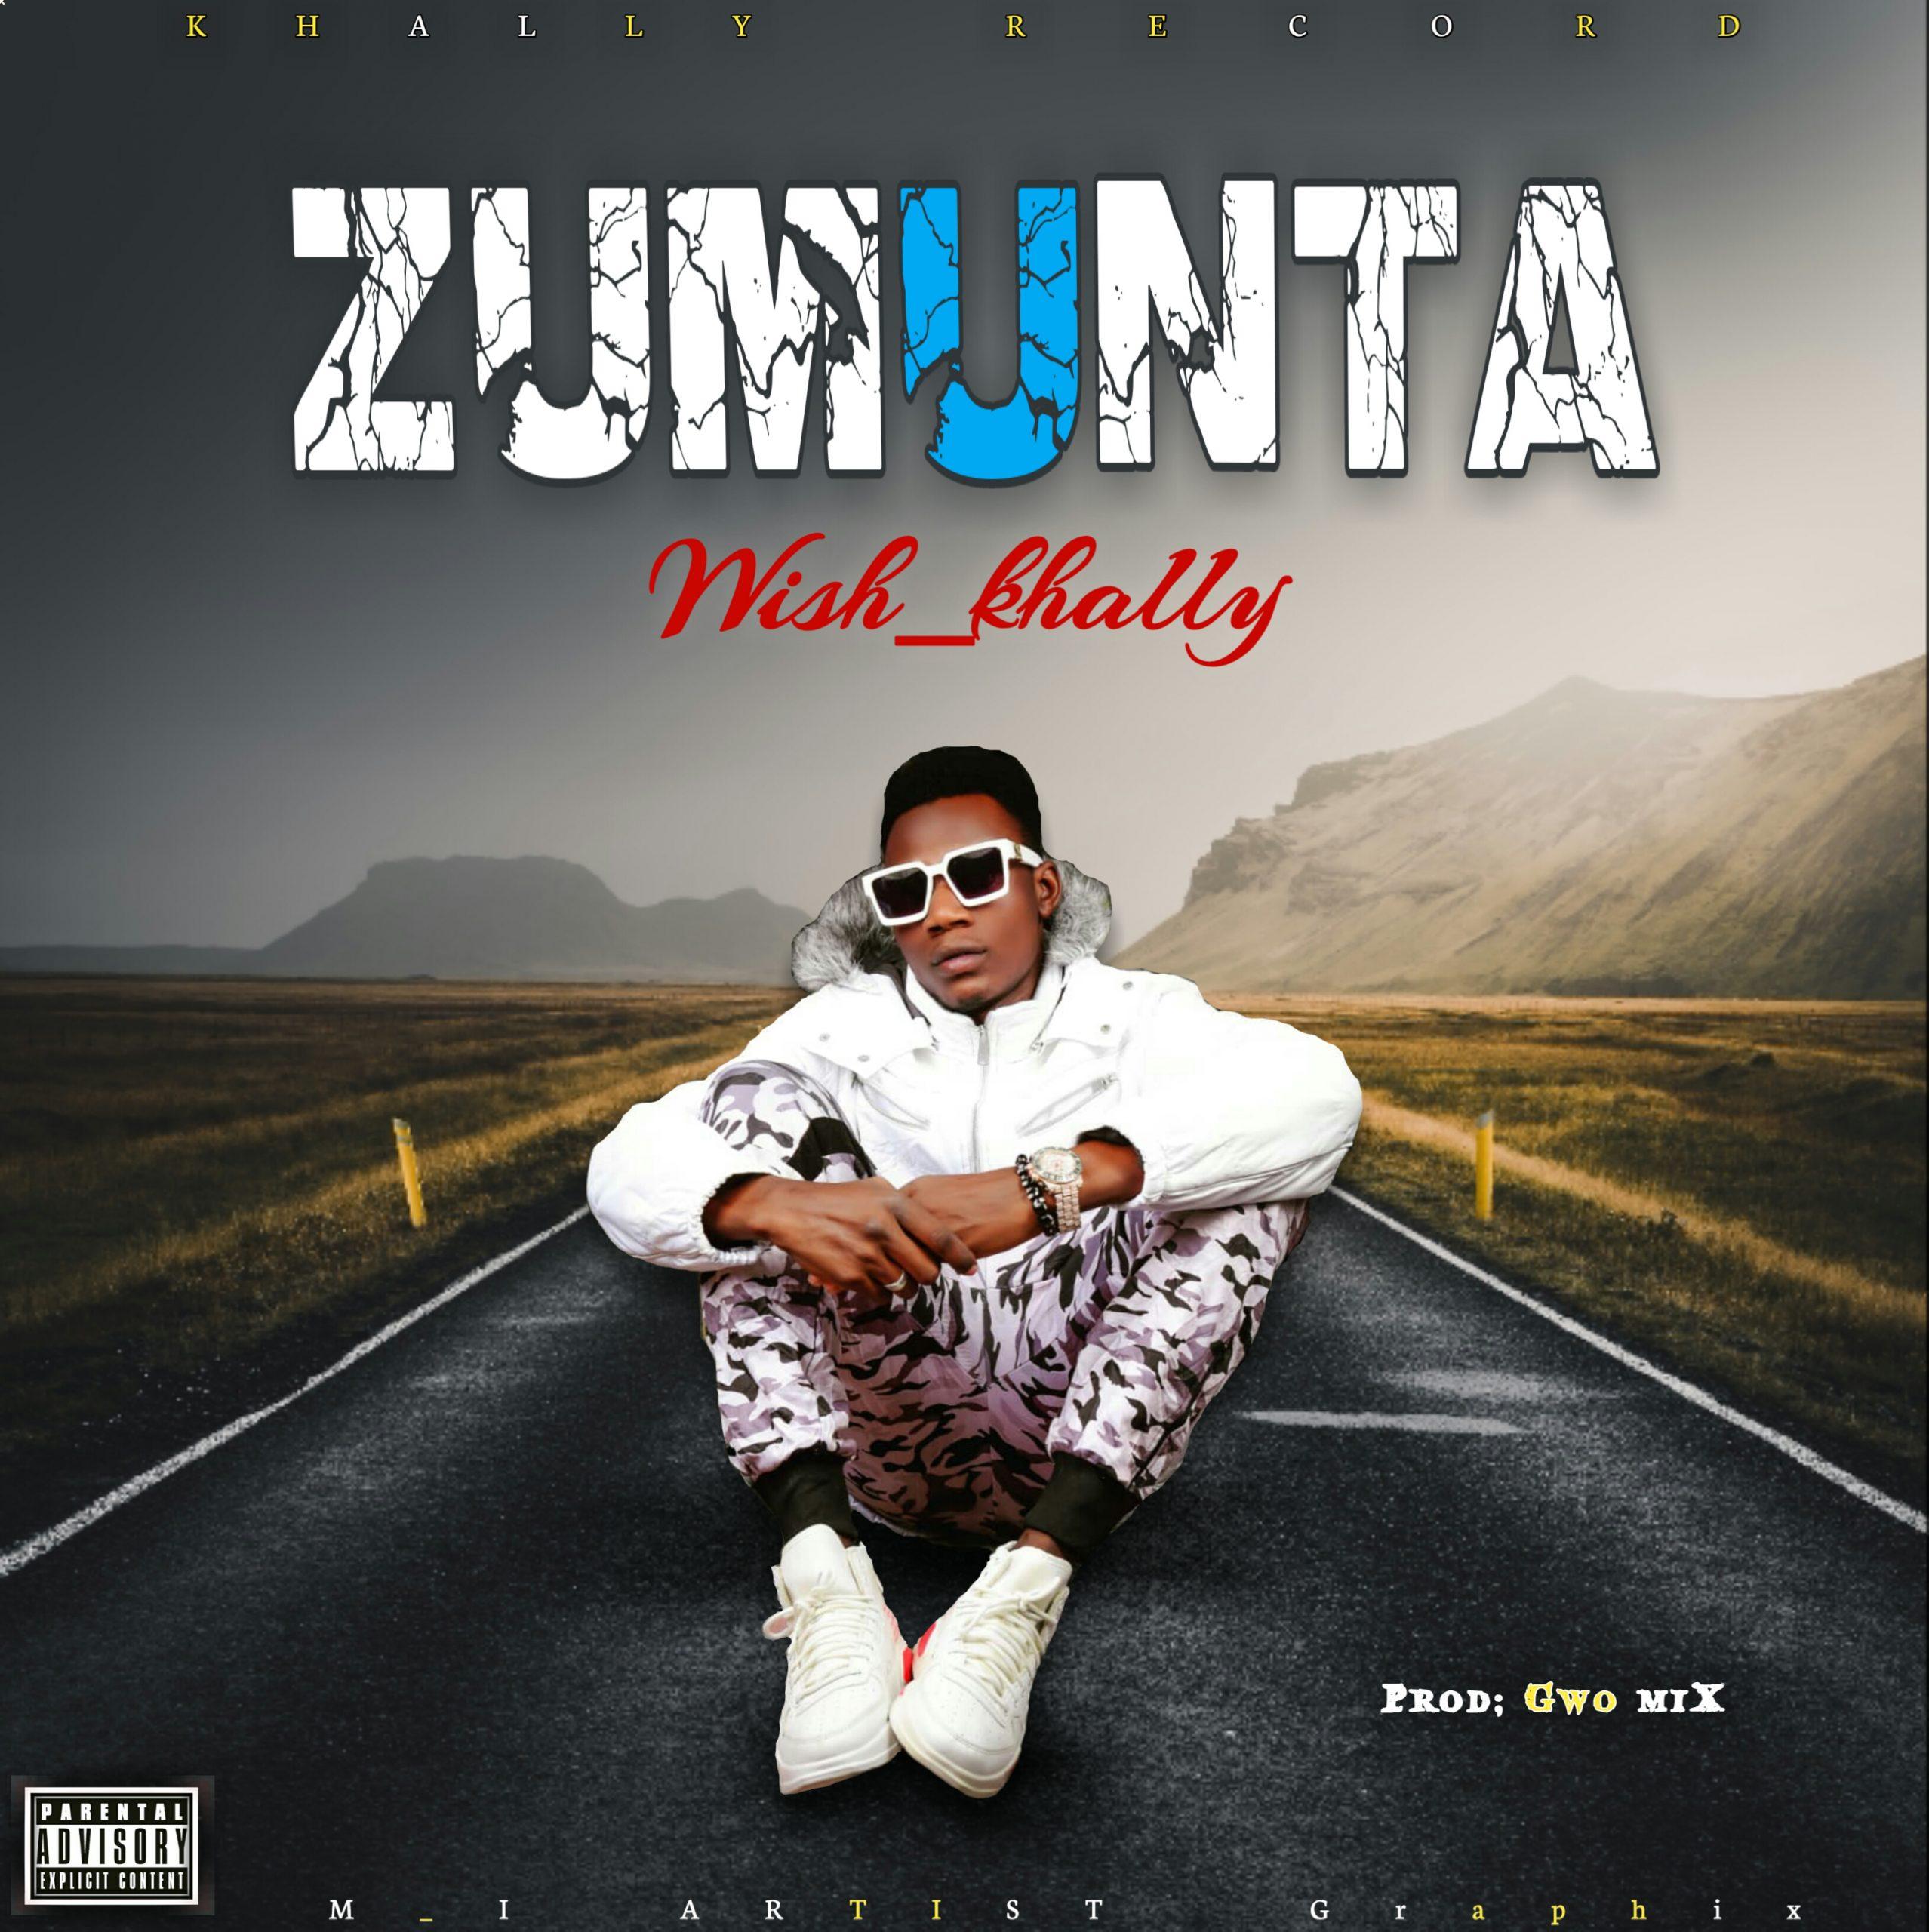 Wish Khally - Zumunta